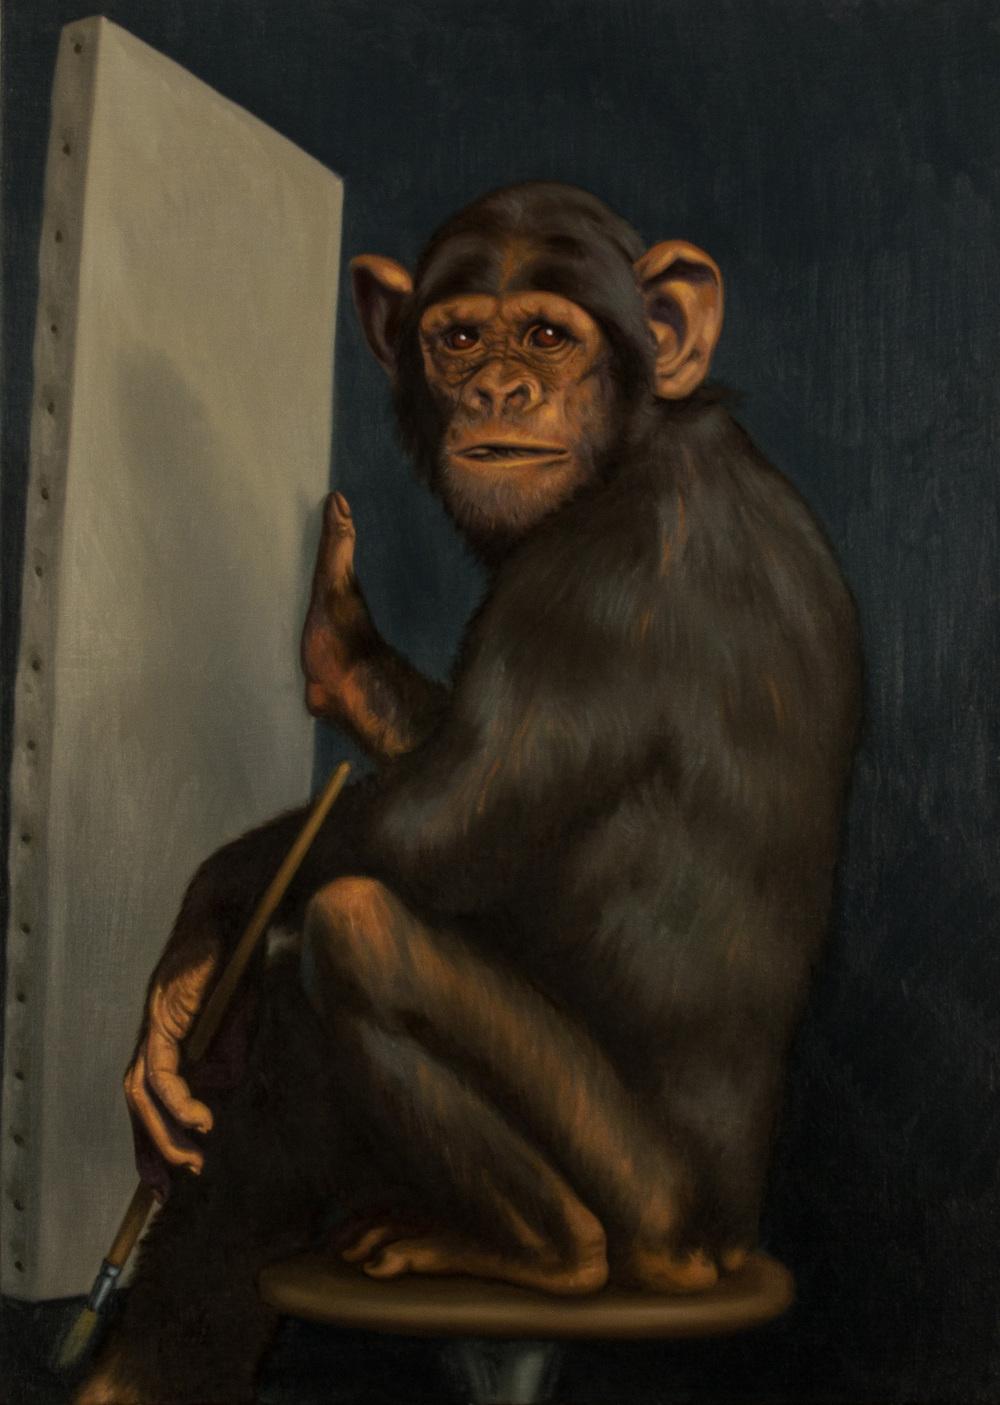 L'artista contemporaneo. Omaggio a Gabriel von Max , olio su tela, cm 50x70, 2007